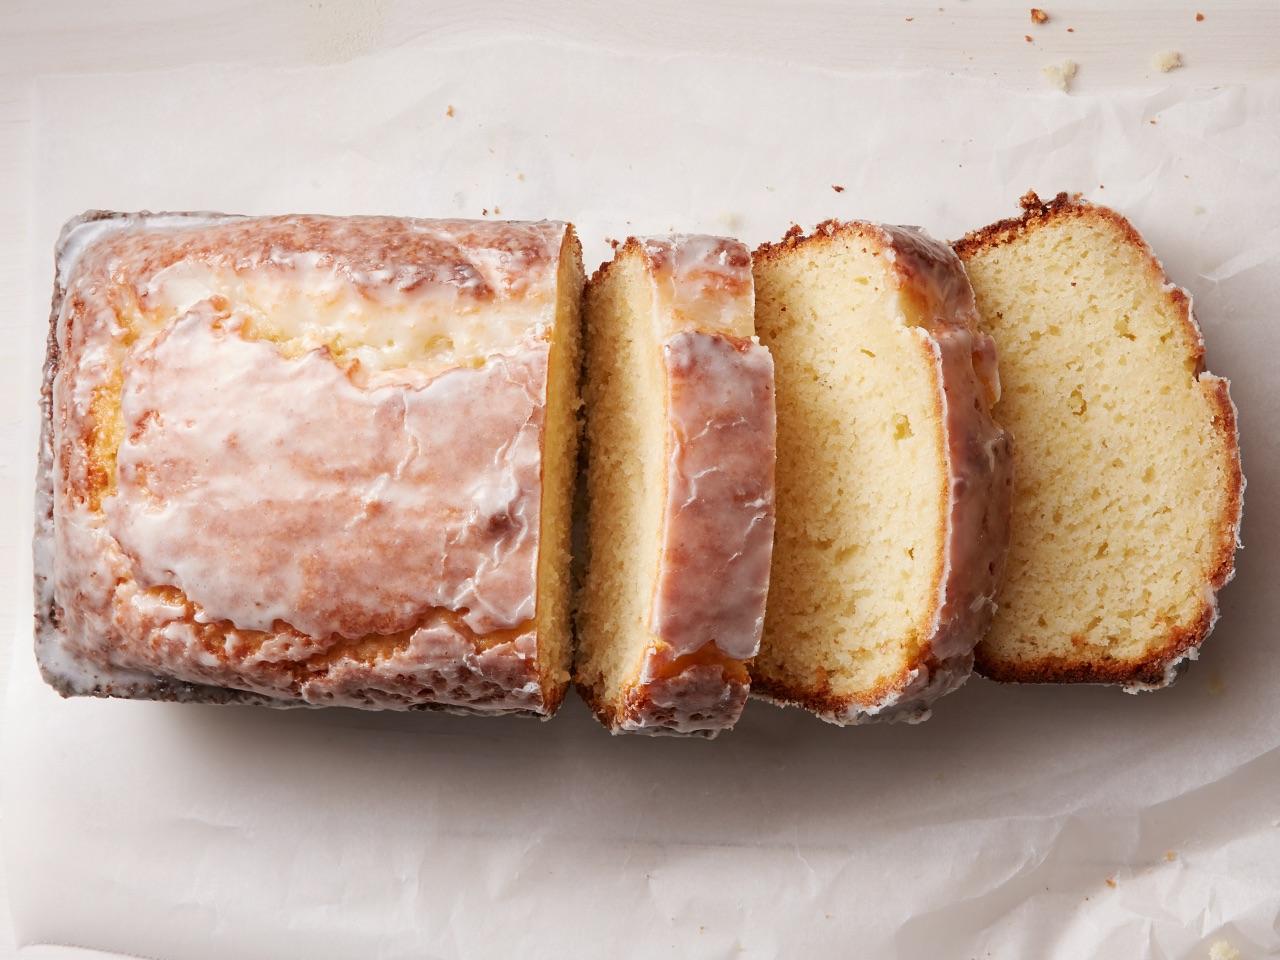 Glazed lemon loaf on parchment paper.